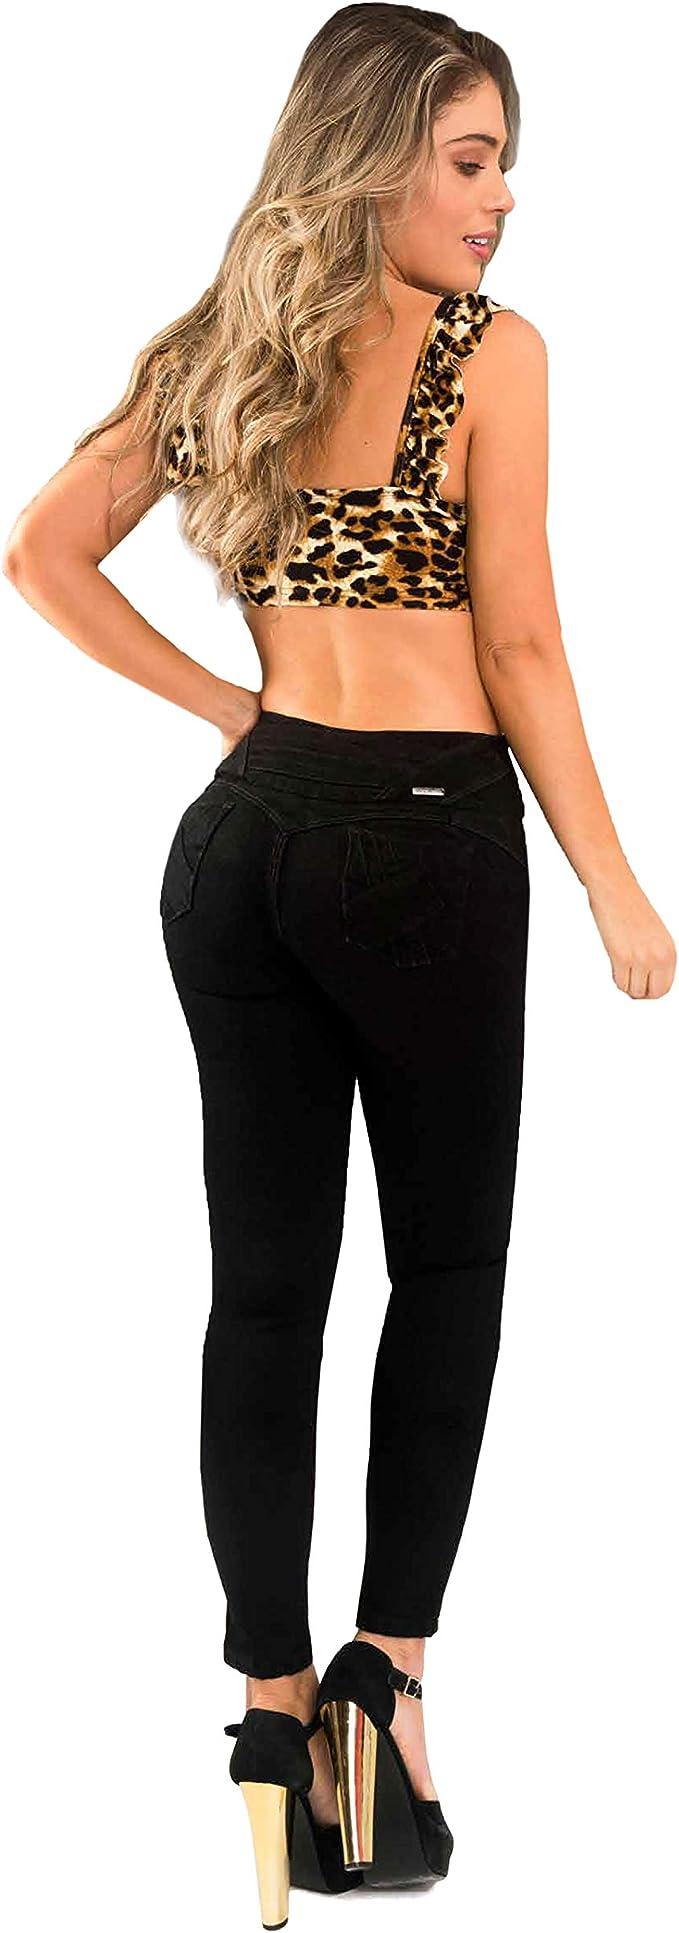 Khoor Jeans Colombianos Push Up Negro Skinny Jeans Para Mujer Levanta Gluteos Realza Gluteos Y Moldea Cadera Vanguardia En Moda Ajuste Perfecto Comodidad